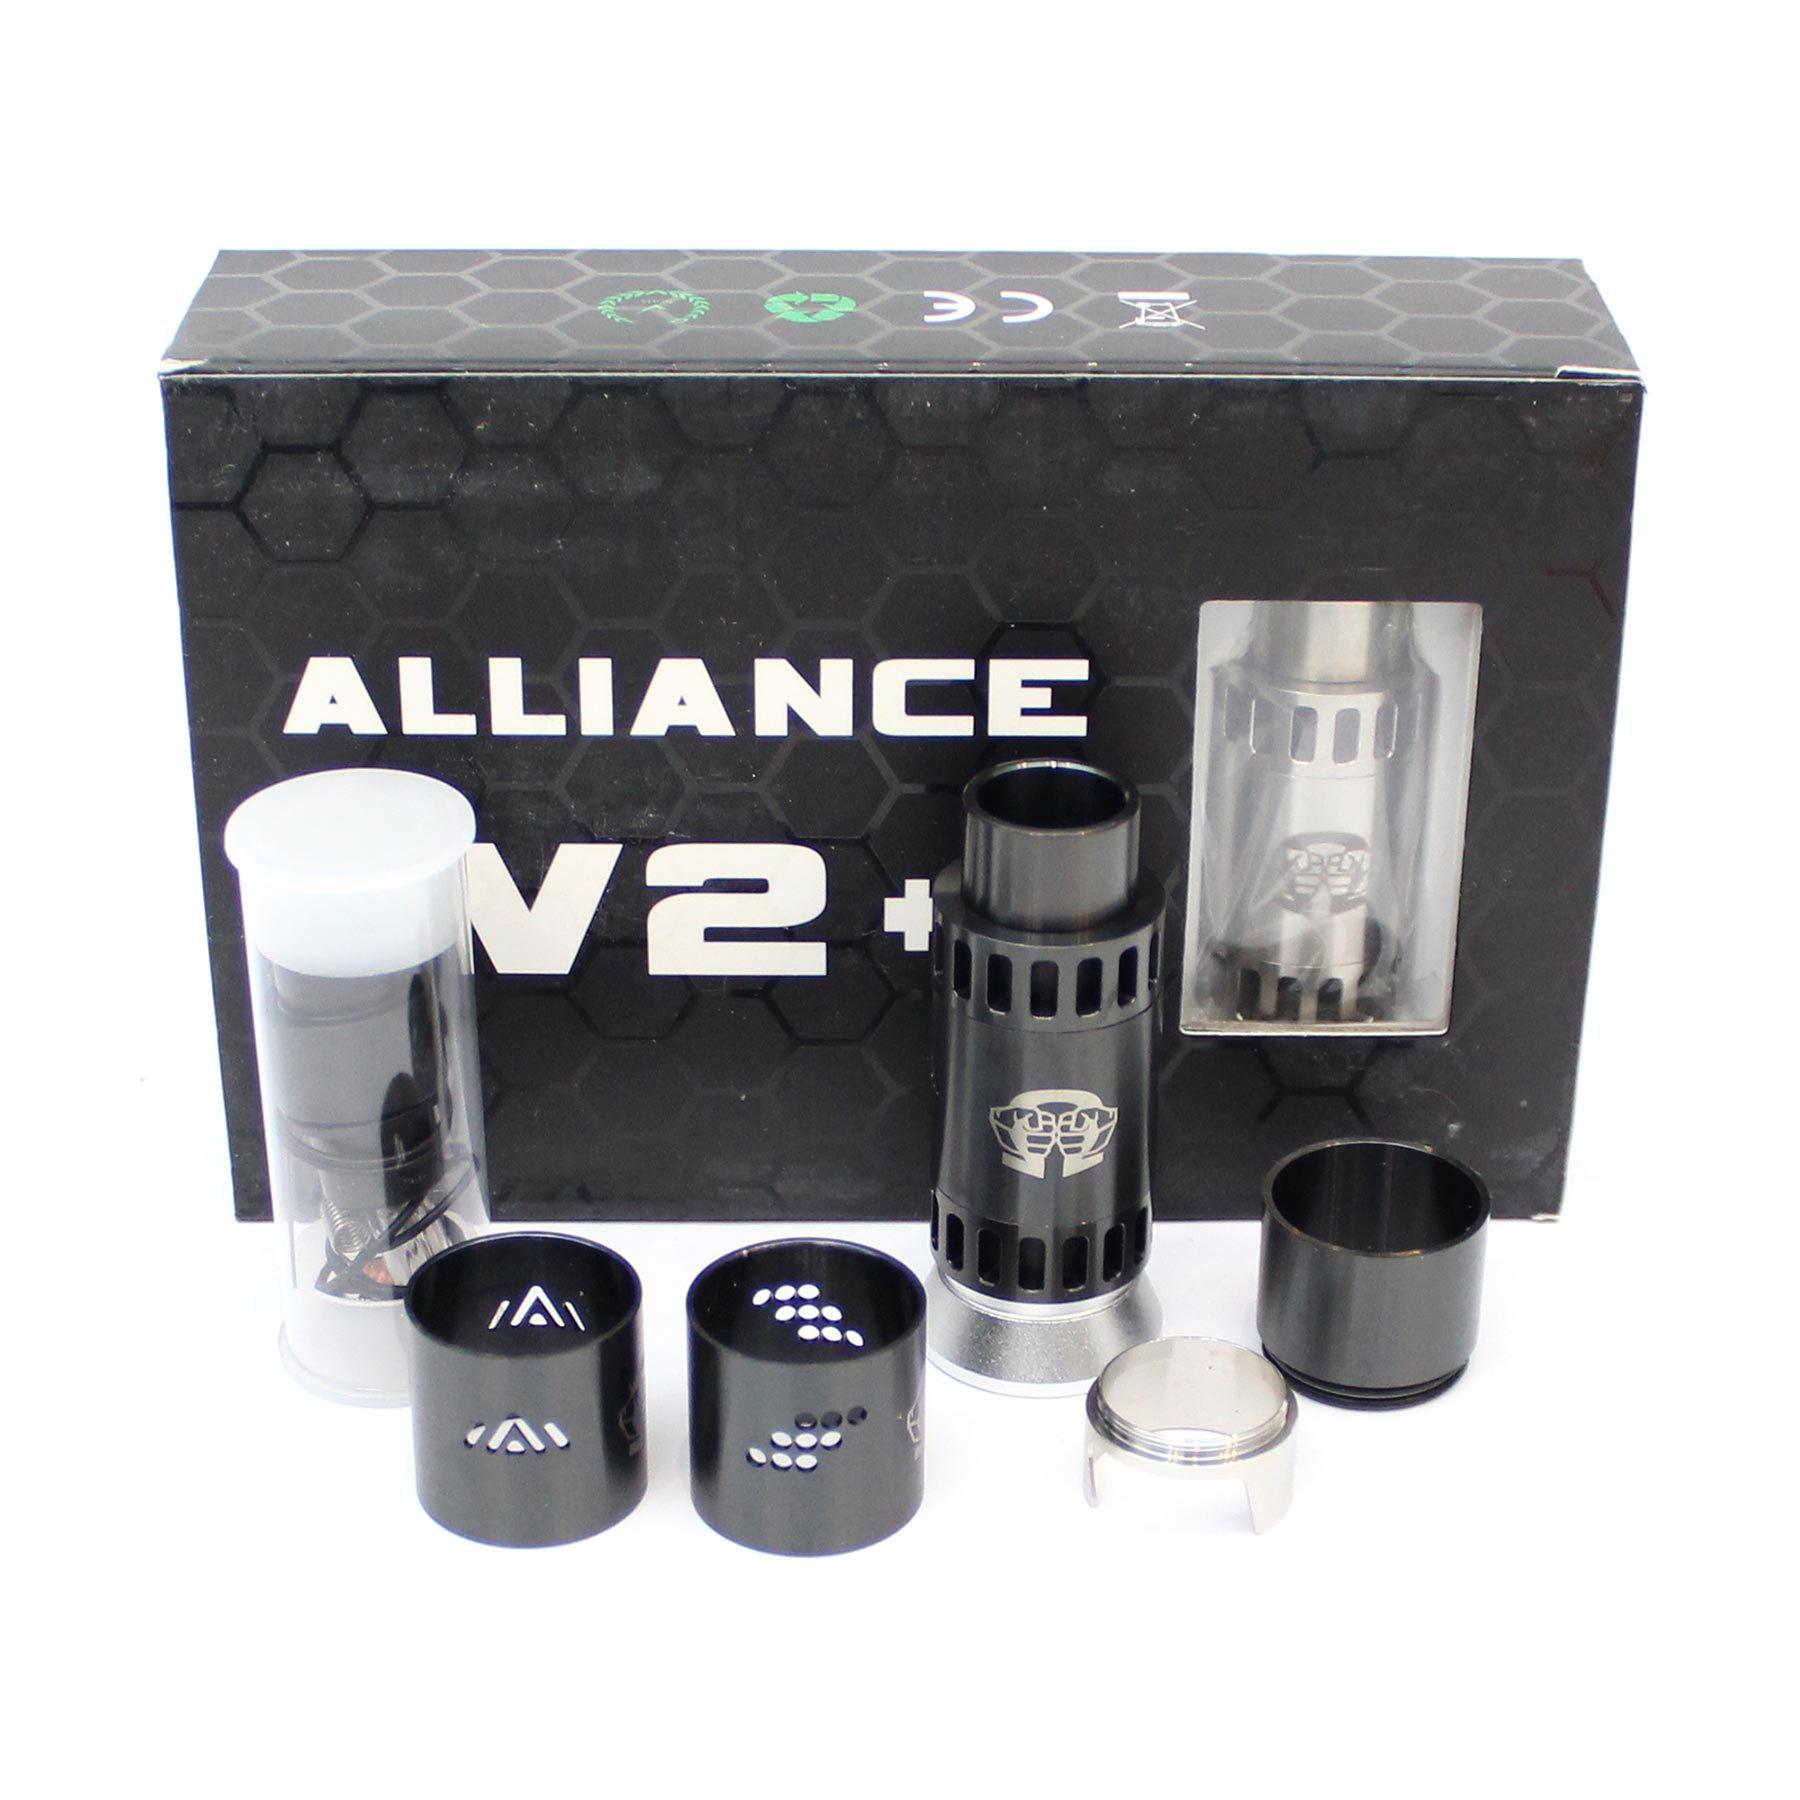 Дрипка Alliance v2 (Clone) набор